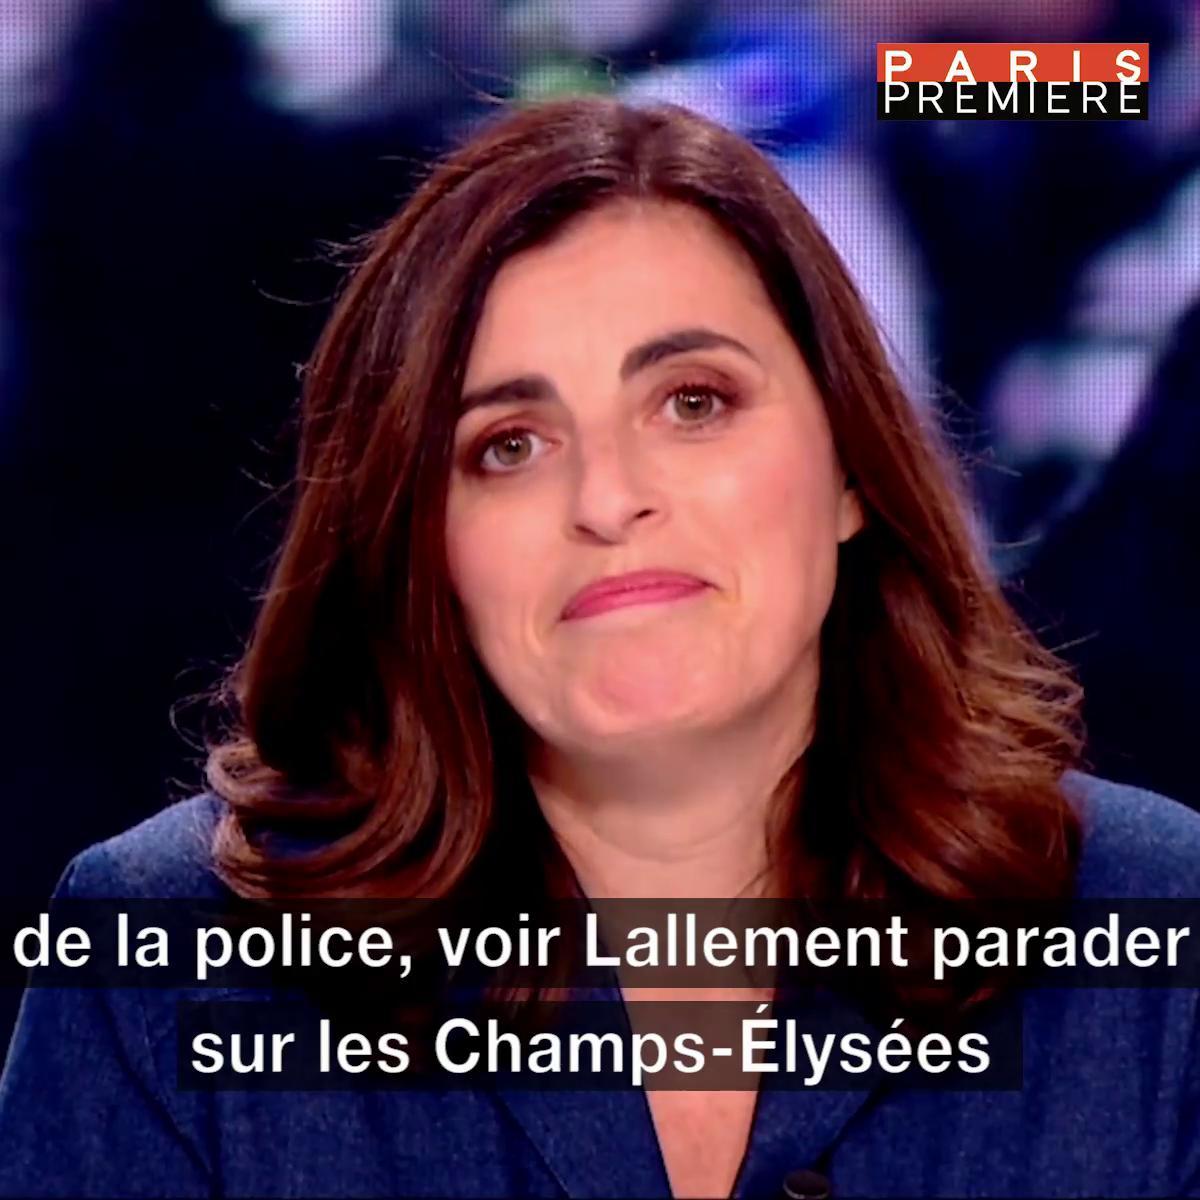 """Didier Lallement, nouveau préfet de police de Paris. 👮♂️ // """"Voir Lallement occuper les bureaux de la police et parader sur les Champs-Élysées, ça rappelle des souvenirs, et pas les meilleurs..."""" 🤣 La super semaine de Sandrine @sarroche"""